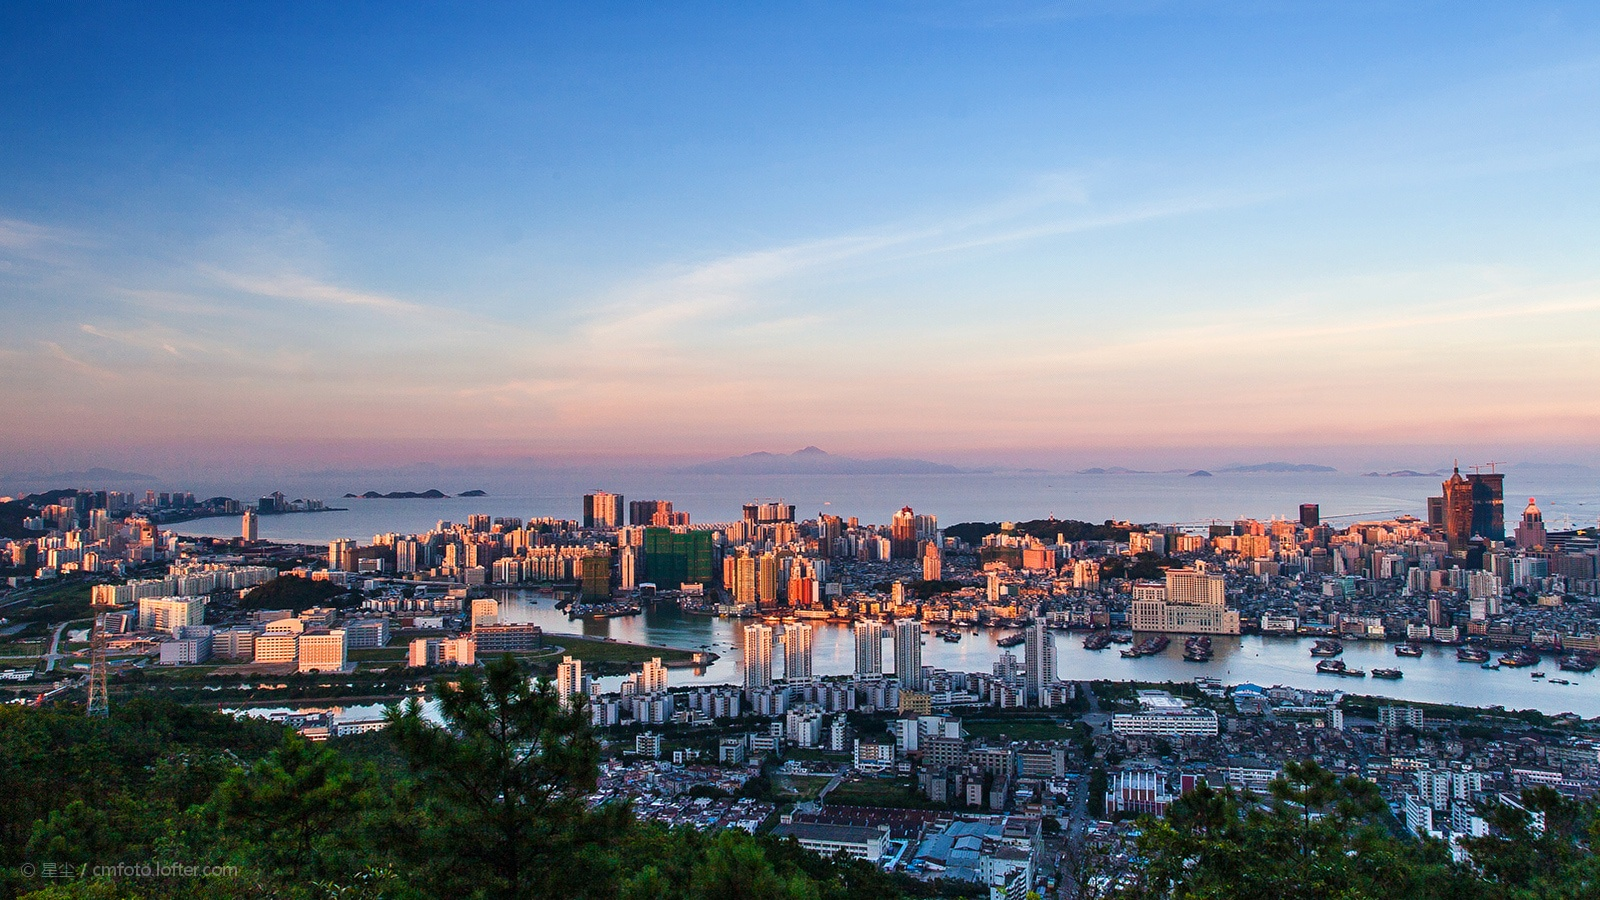 Gobierno de RAE de Macao se opone enérgicamente a informes de EEUU sobre derechos humanos